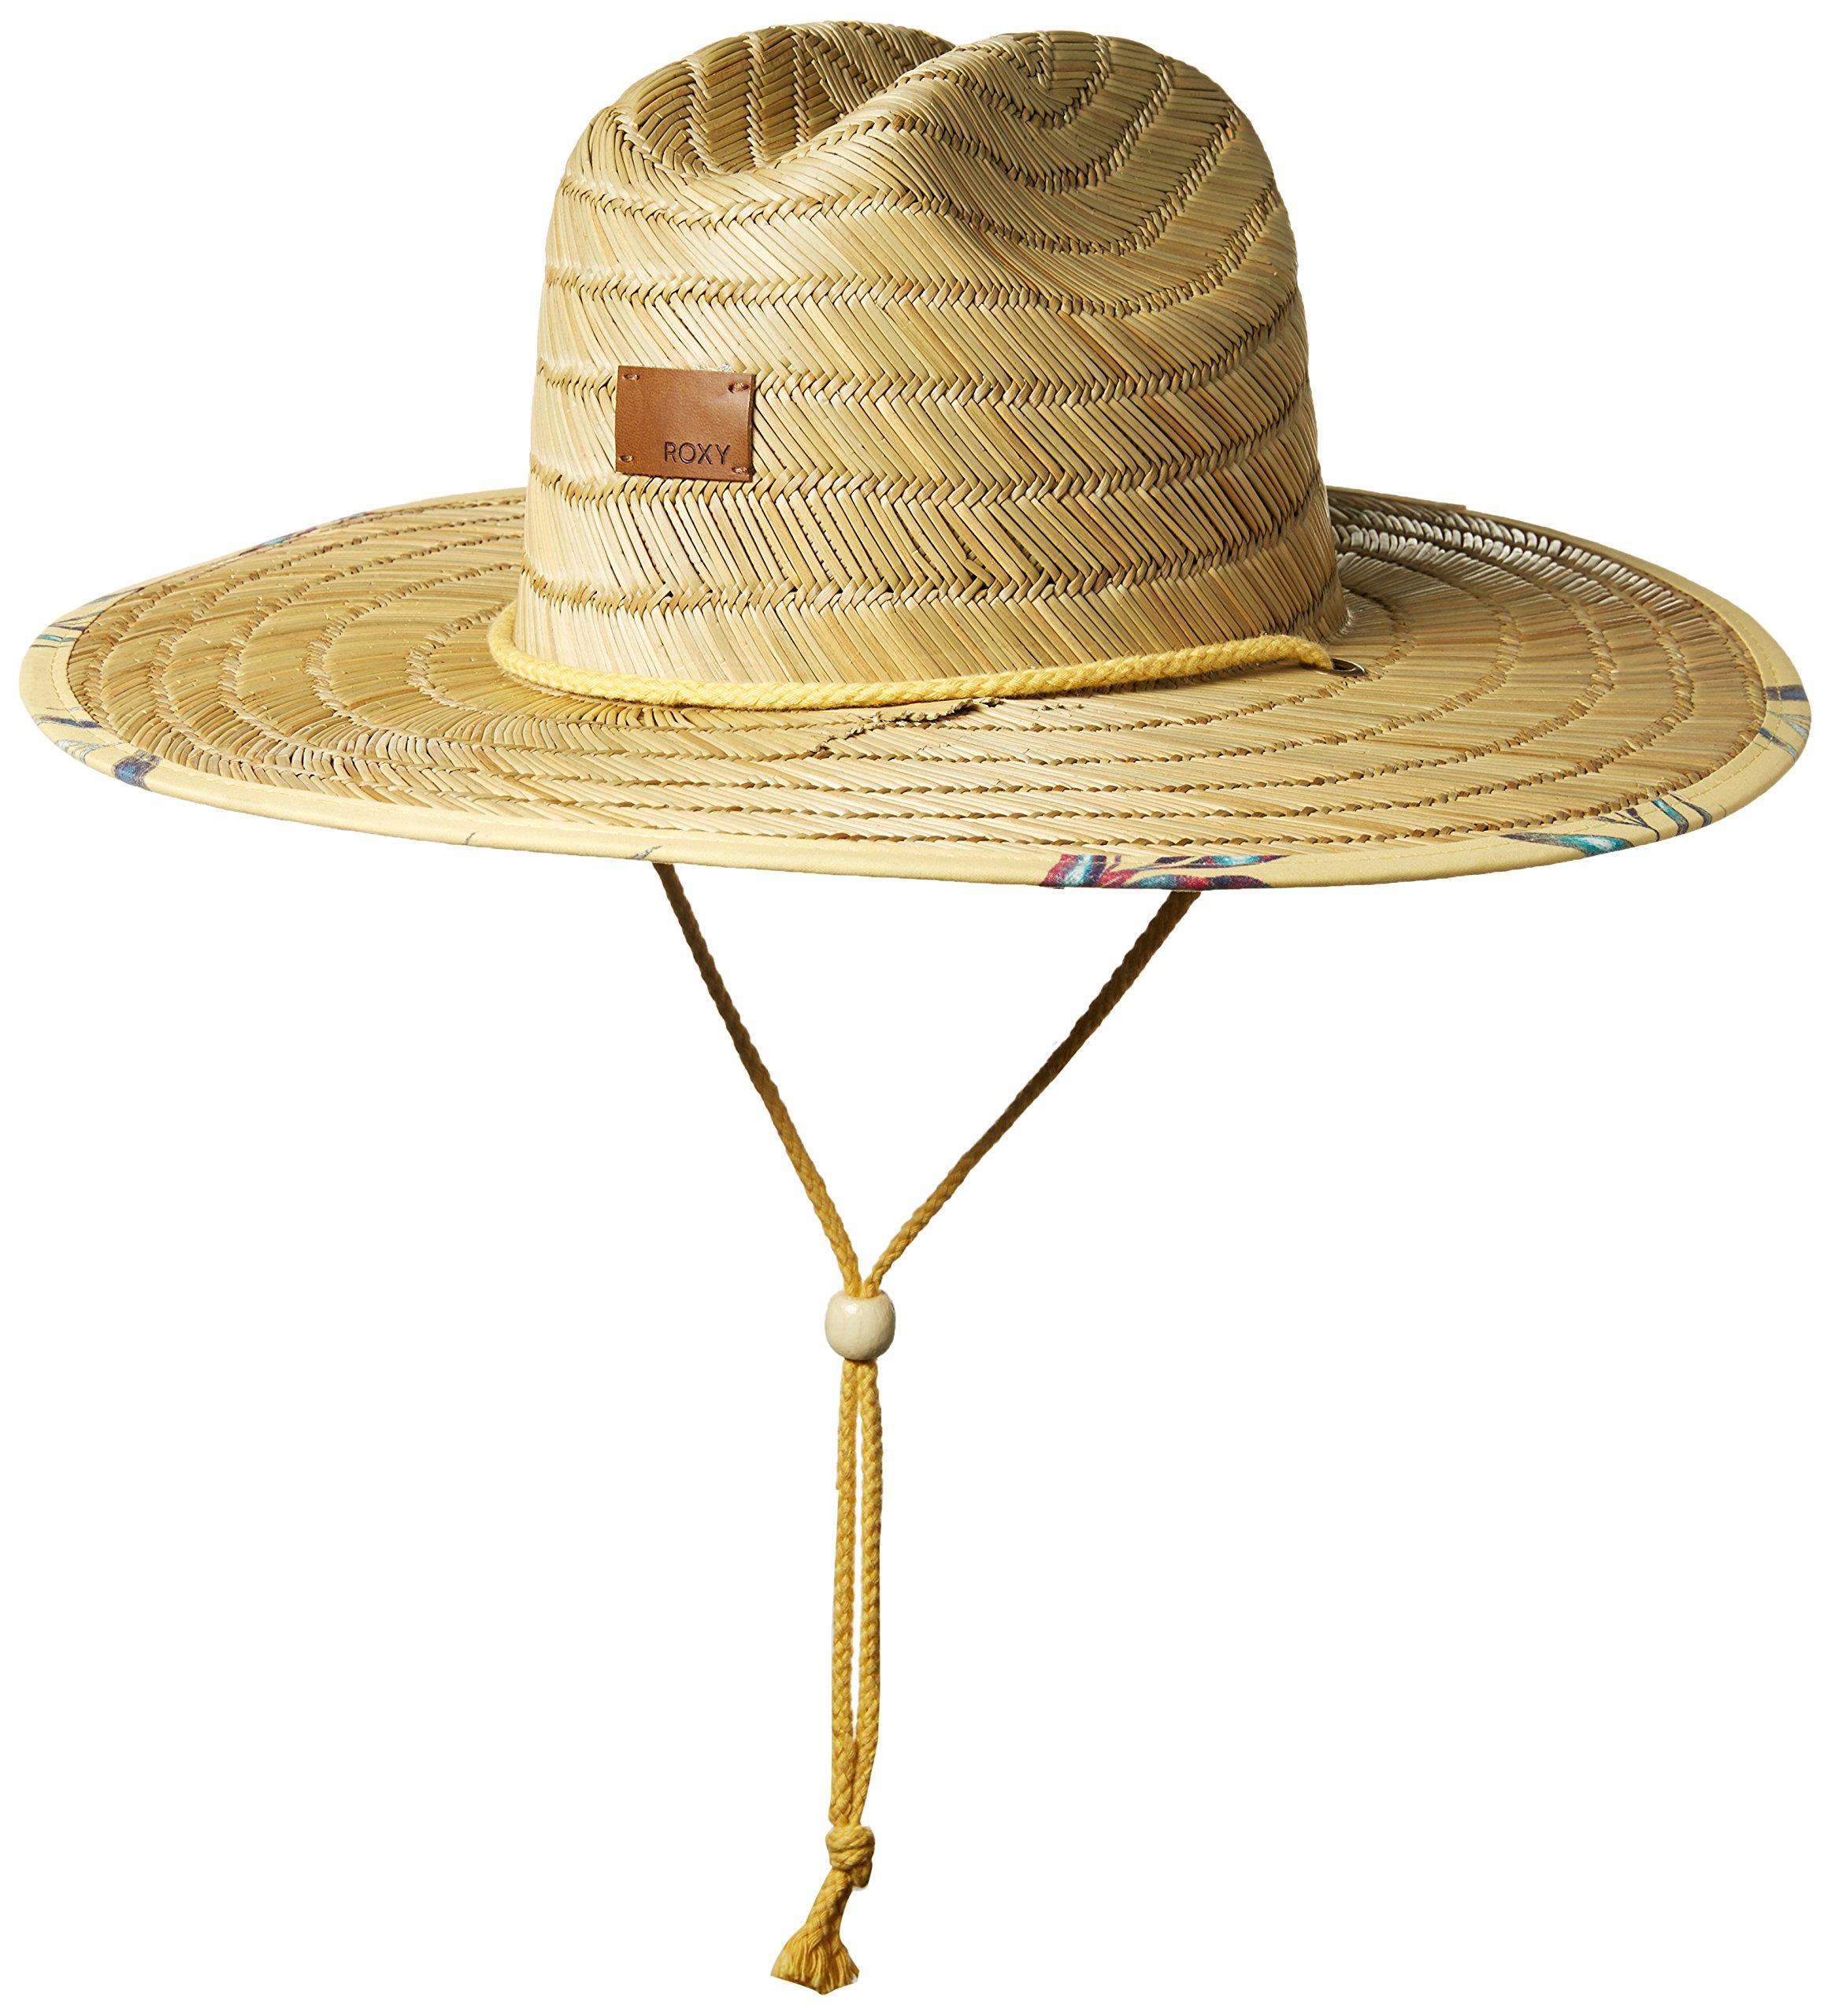 Roxy Junior's Tomboy Straw Hat, Buff Yellow Swim Stormy Flower, S/M